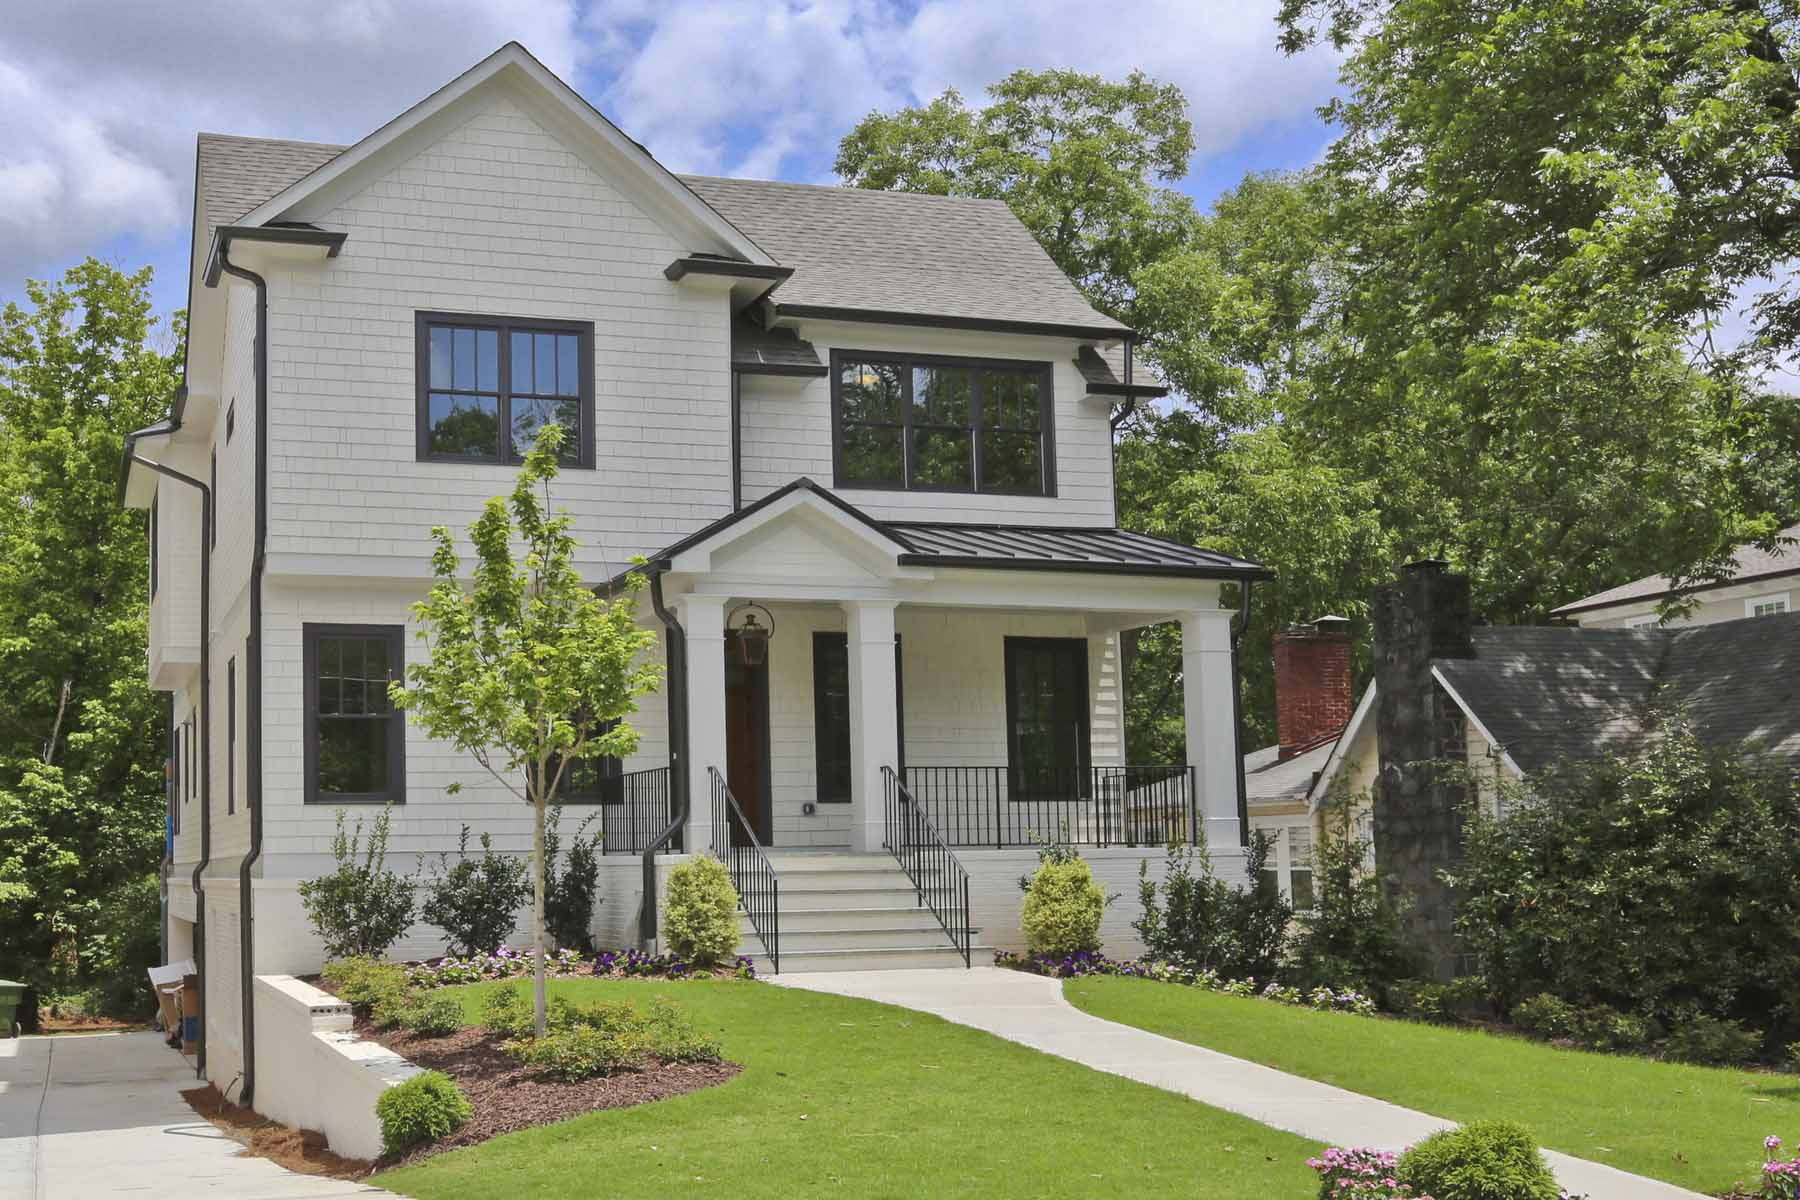 一戸建て のために 売買 アット New Construction in Buckhead 2901 Lookout Place NE Garden Hills, Atlanta, ジョージア, 30305 アメリカ合衆国